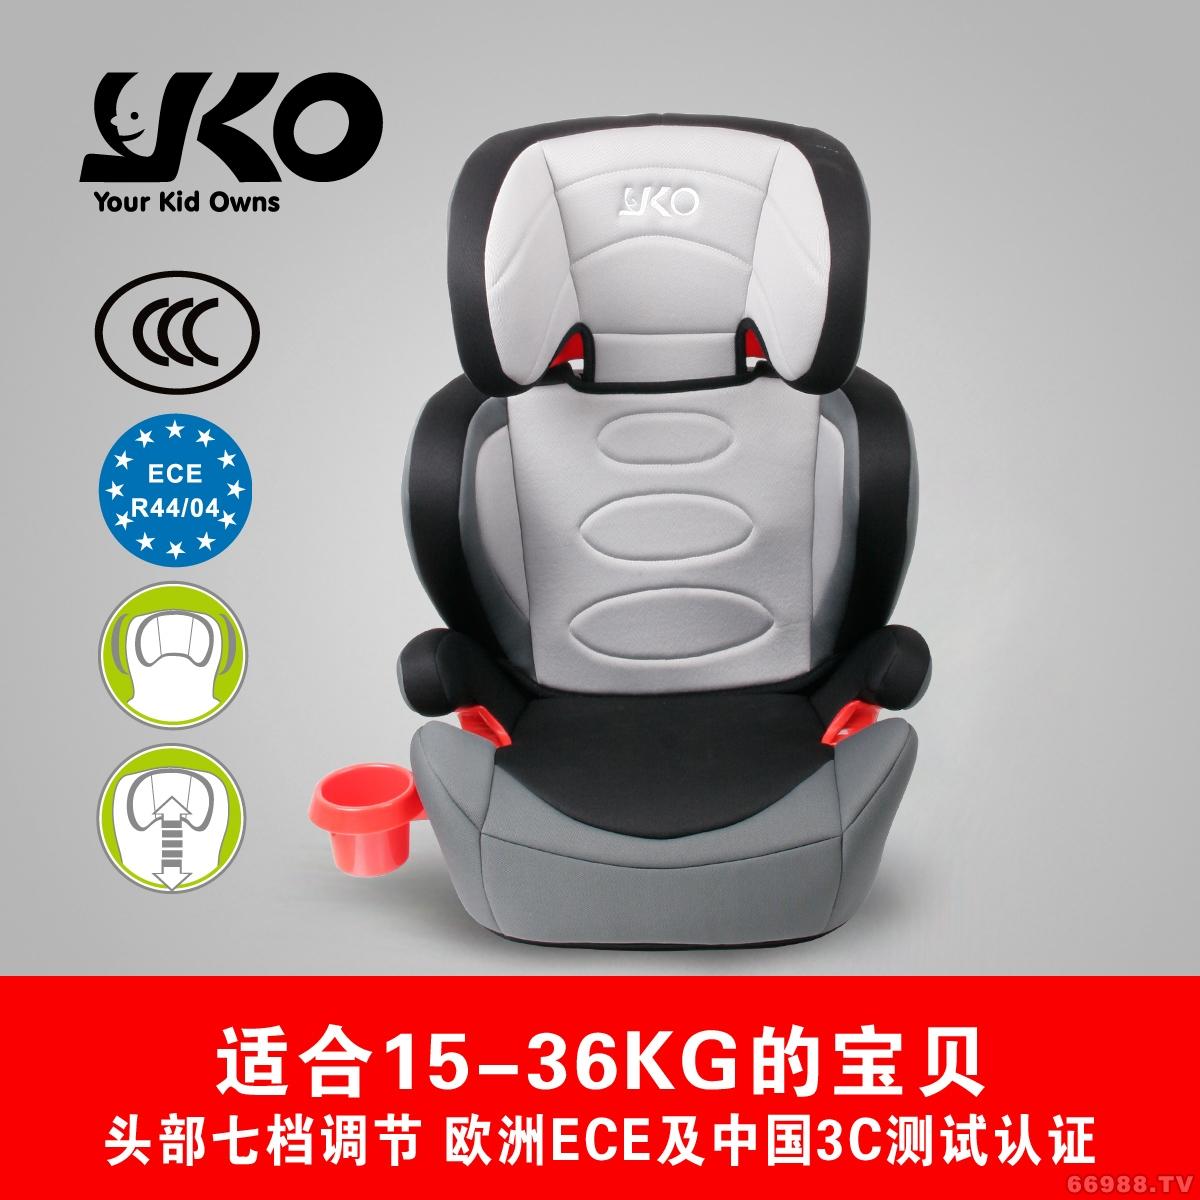 艺高YKO汽车儿童安全座椅 960